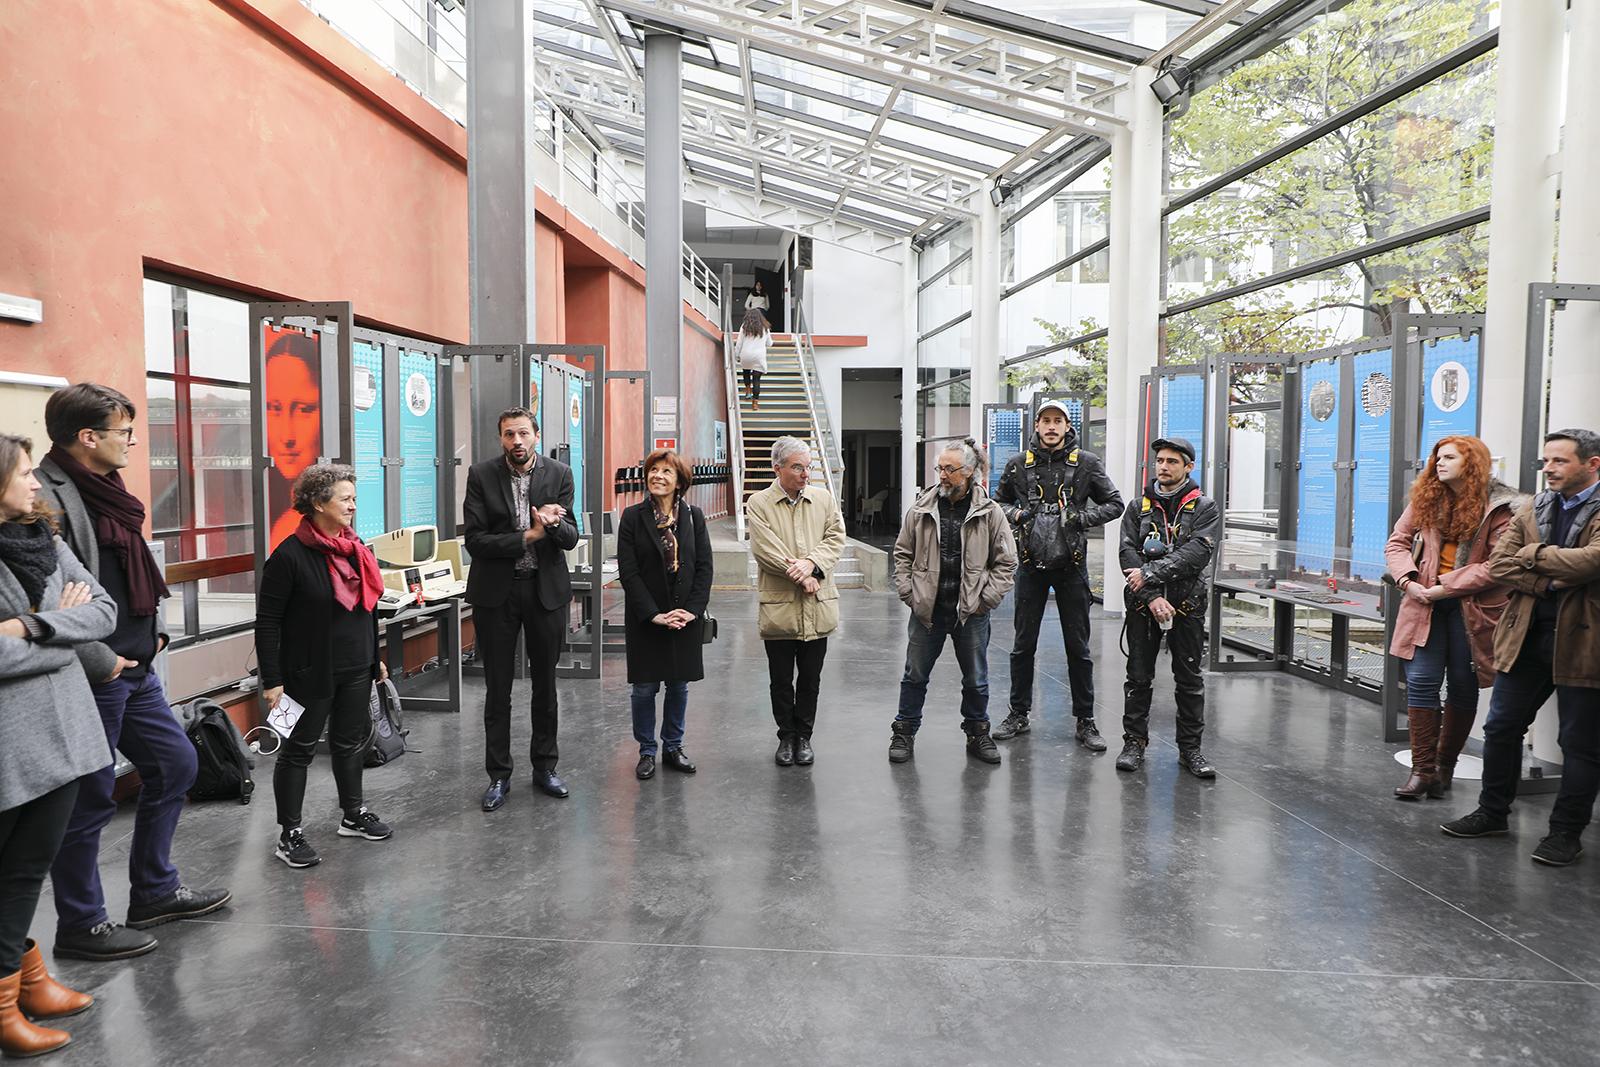 Cérémonie de réception de l'oeuvre en présence des artistes et porteurs du projet